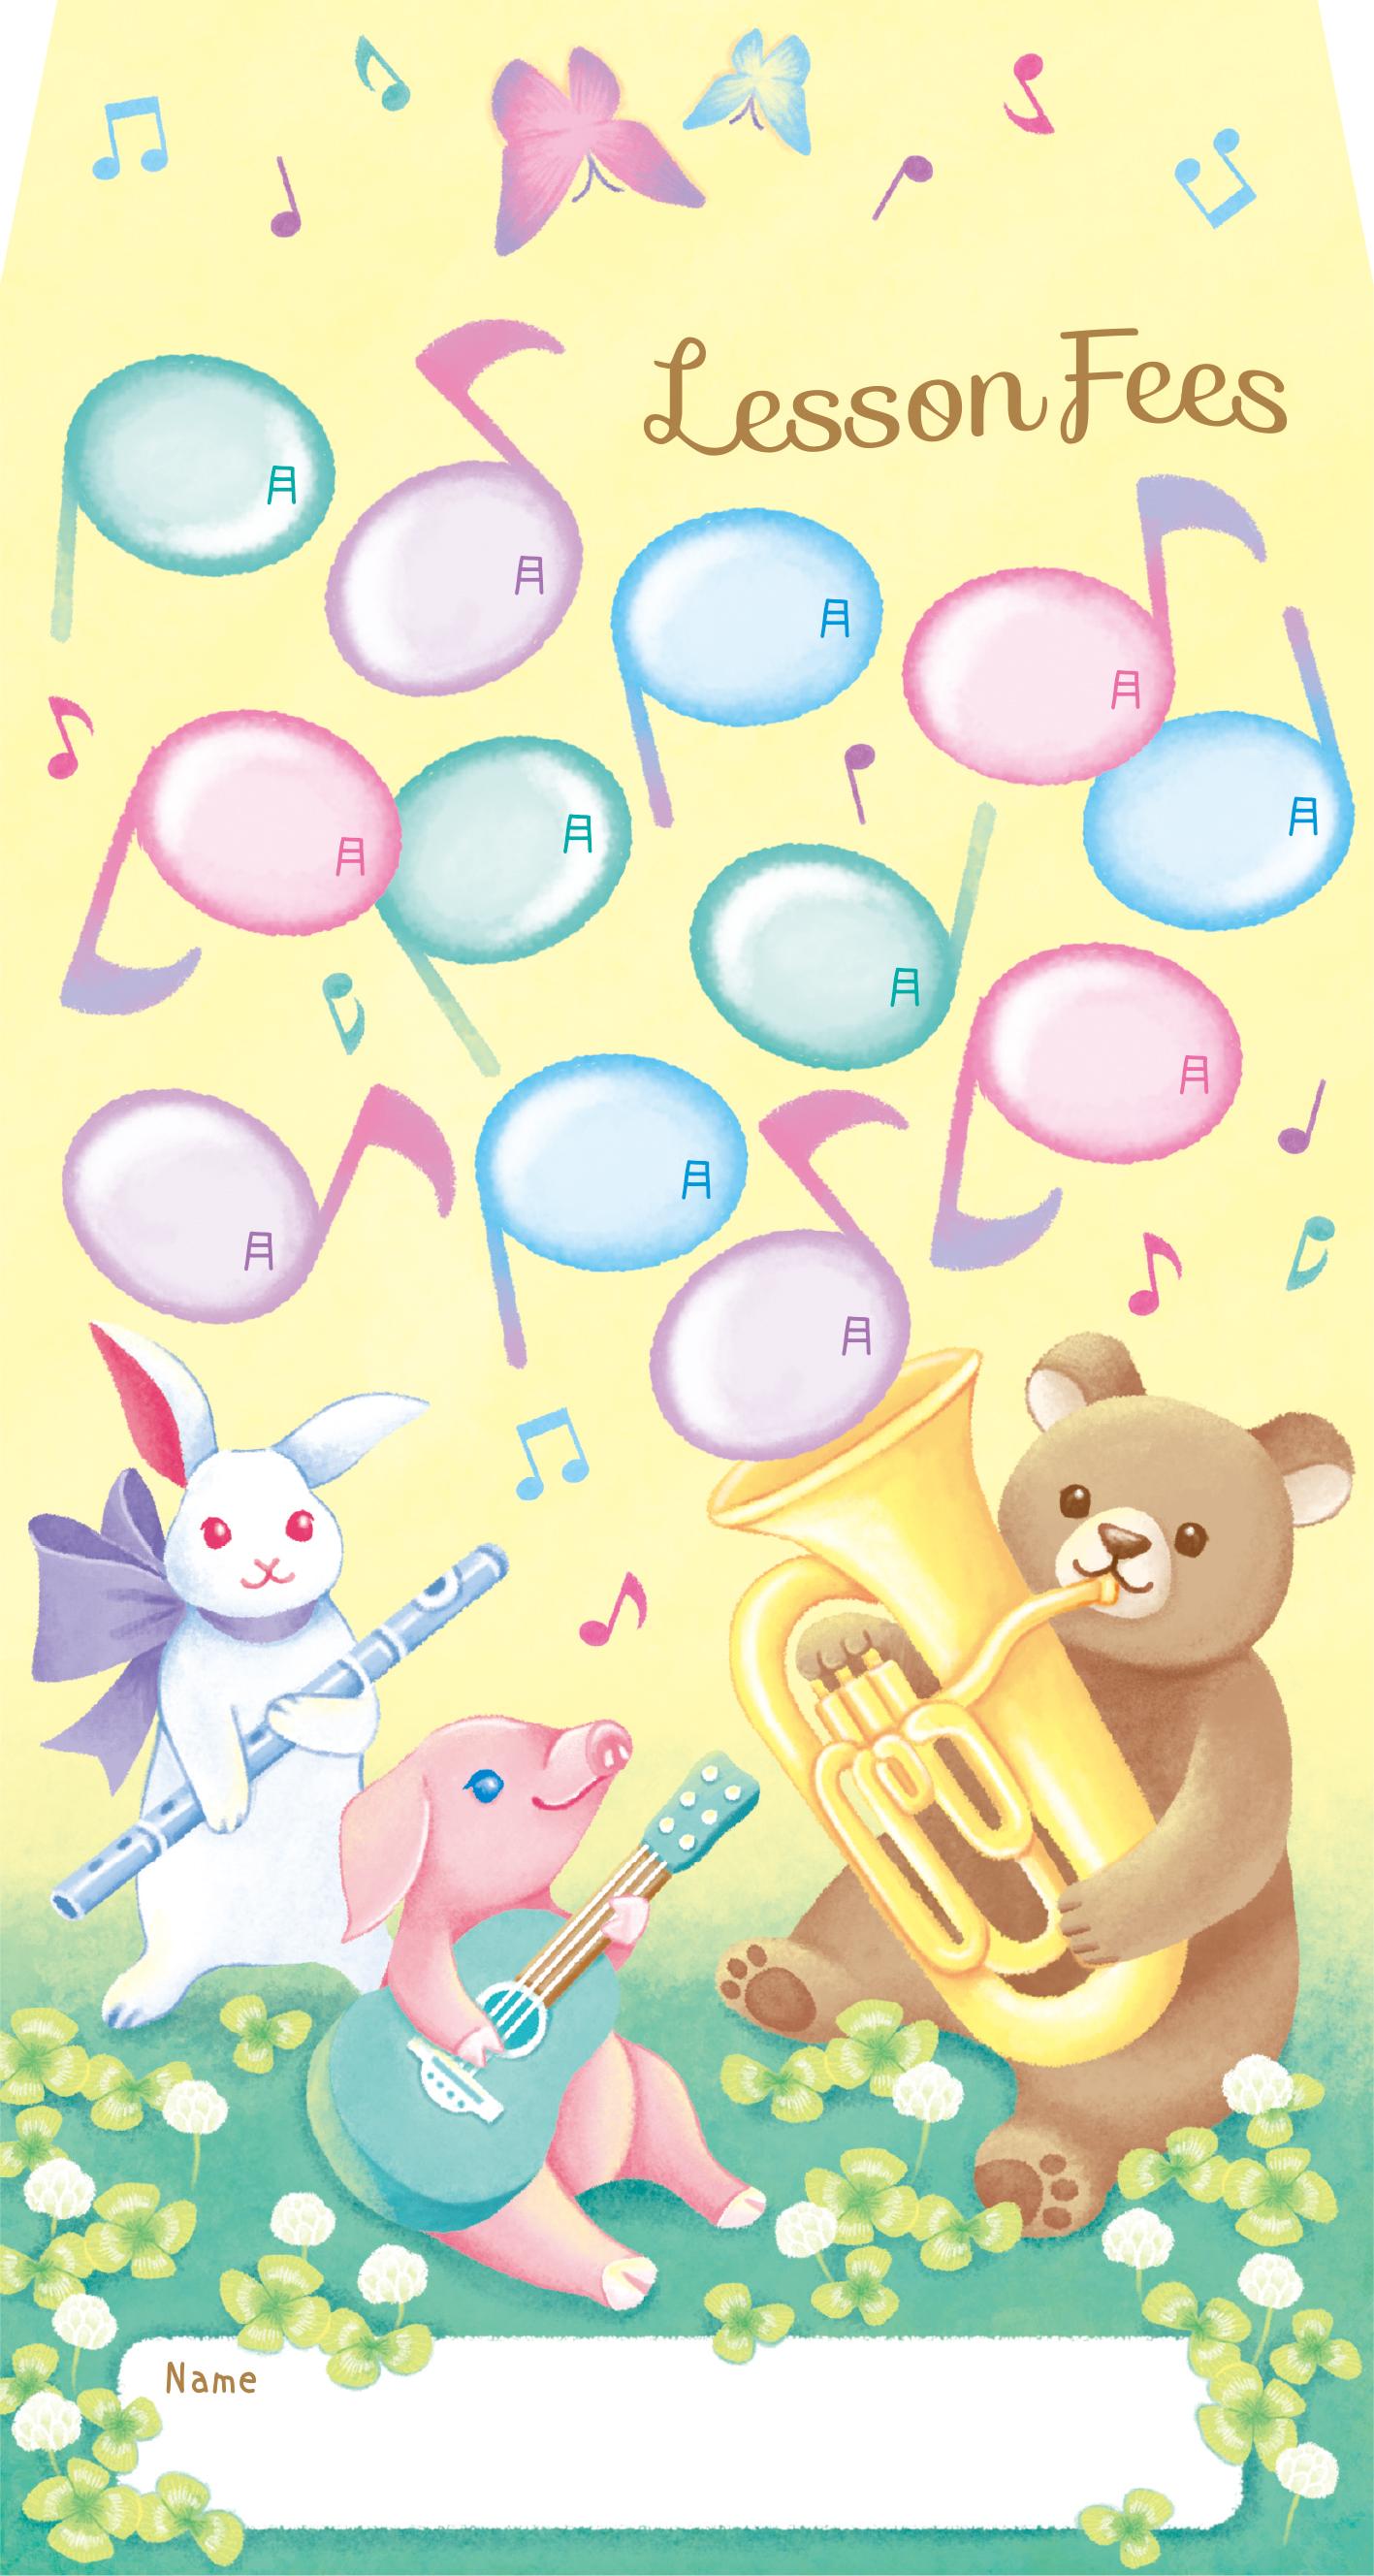 月謝袋 ※お取り寄せ商品 引き出物 記念品 音楽雑貨 音符 ピアノモチーフ ト音記号 ピアノ雑貨